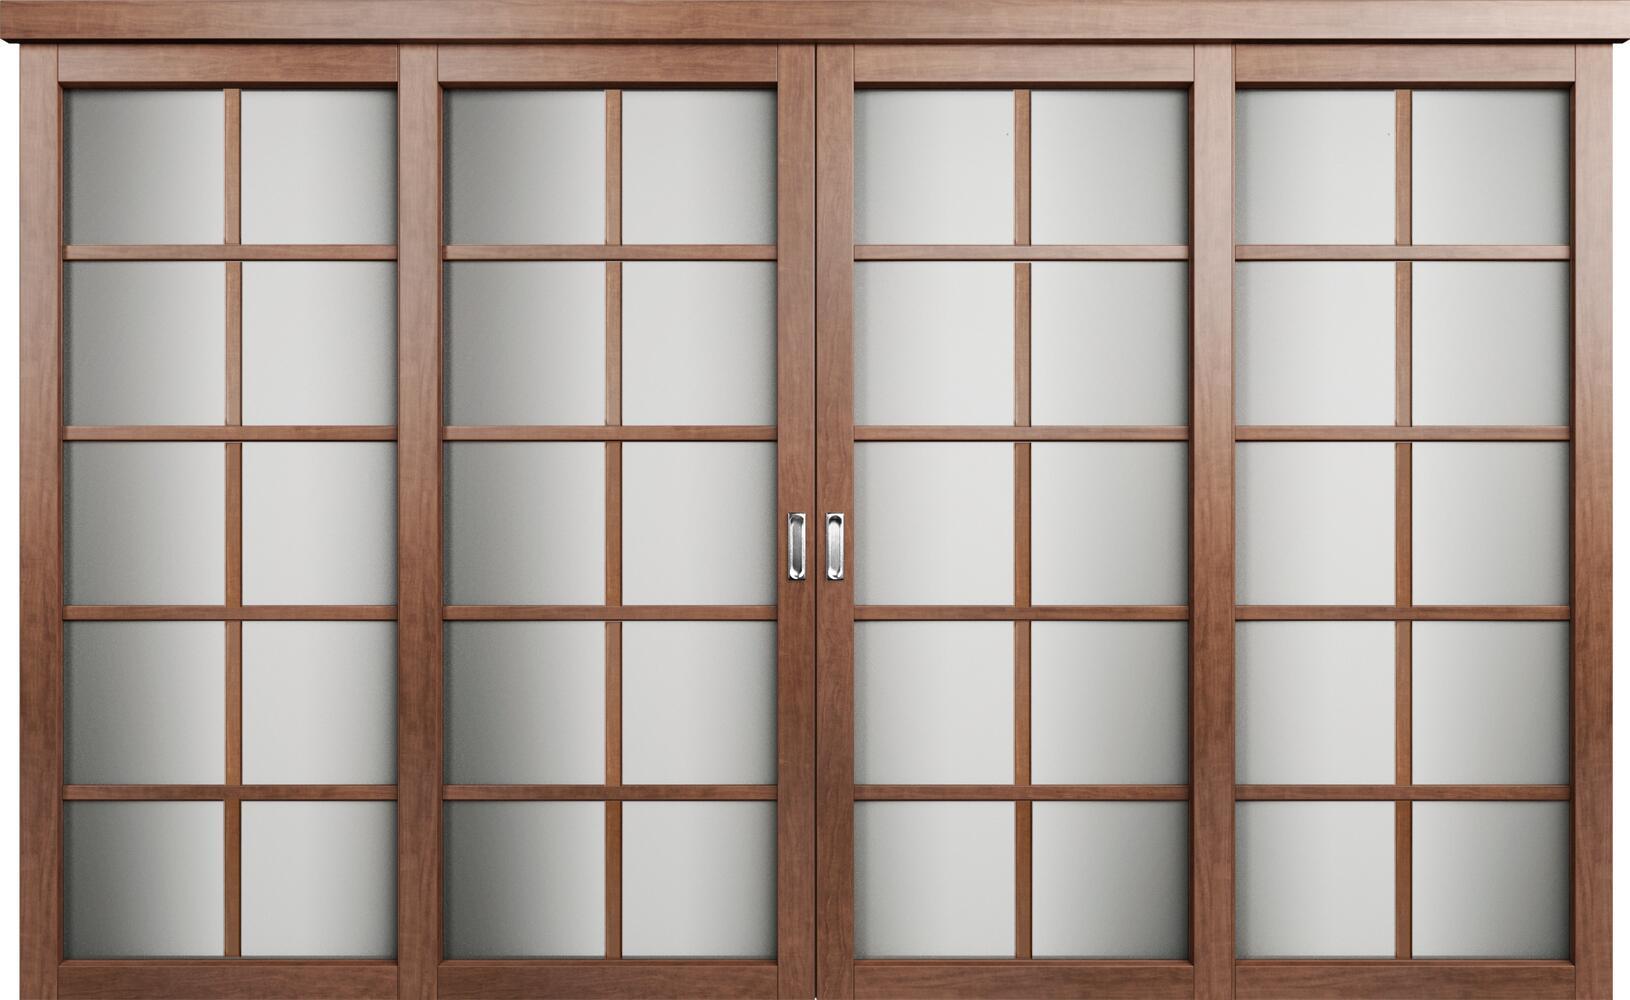 Коллекция Перегородки Двухполосная раздвижная система для 4-х полотен. Тип 2 Анегри + сатинато белое